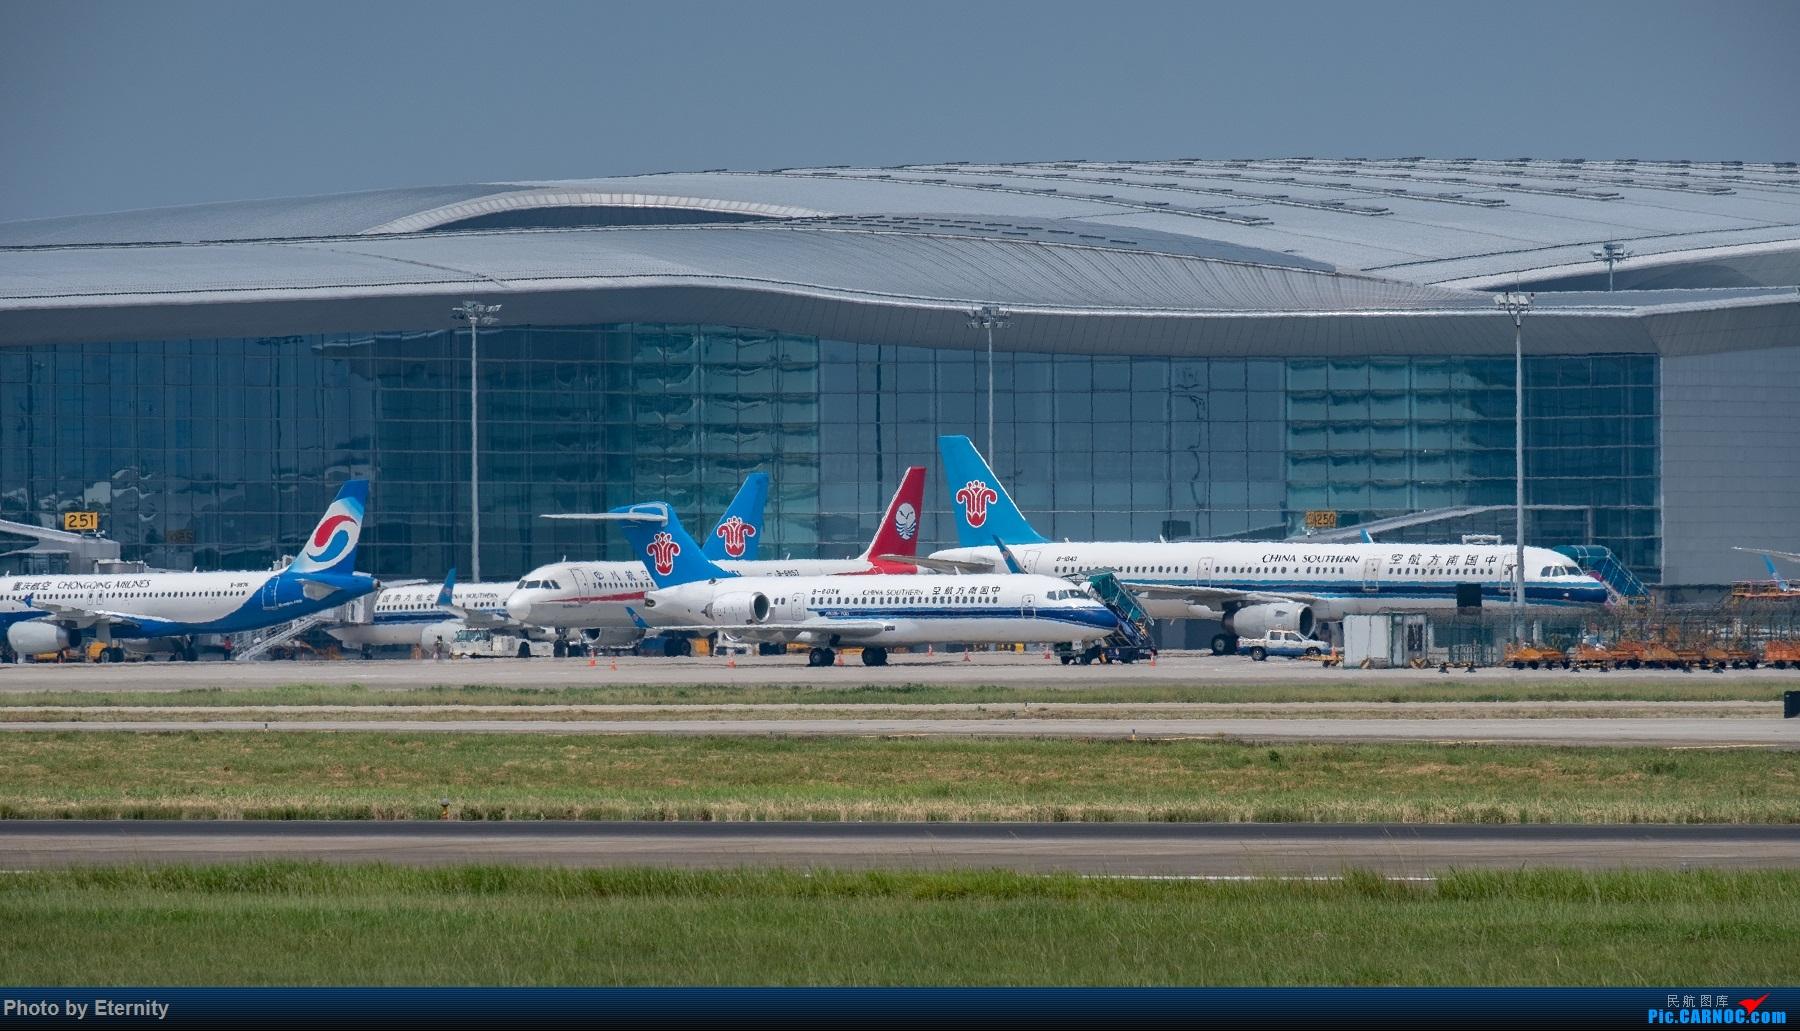 Re:[原创]后疫情期间的暑假国内游 | 西安-上海-广州-成都 | 体验国内3条干线 | 吉祥航空787 | 南航350 | 海航737 COMAC ARJ21-700 B-605W 中国广州白云国际机场